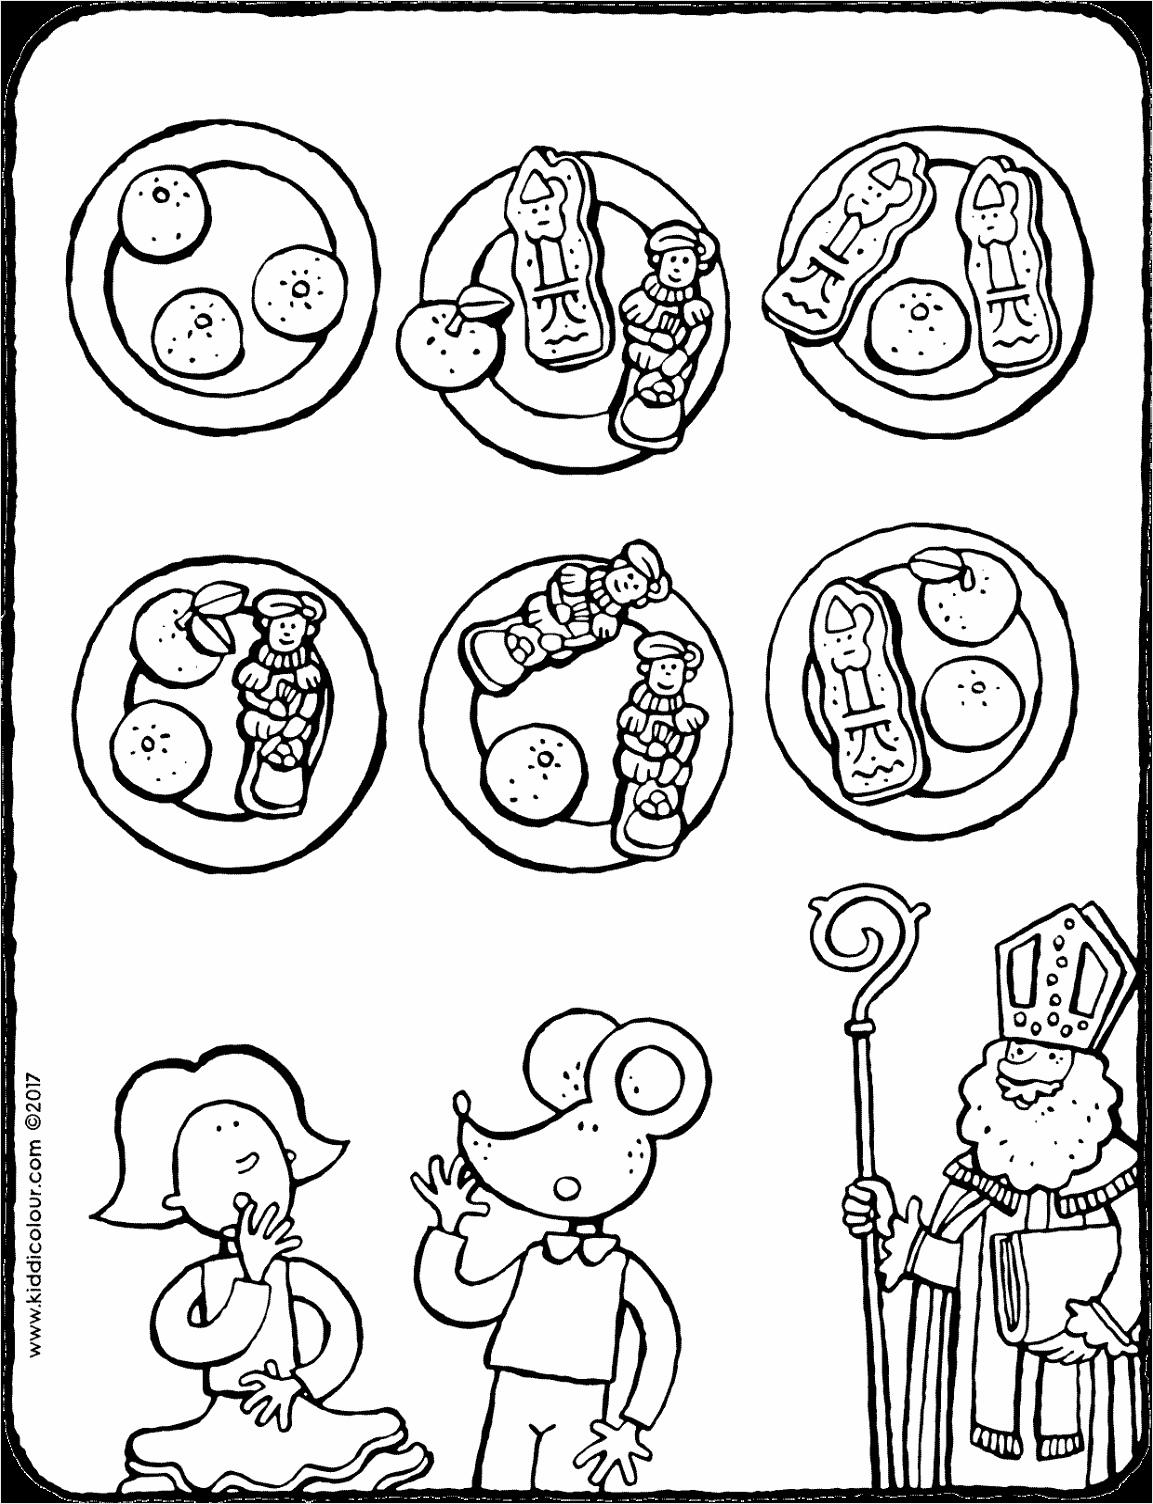 snoep van de Sint voor Emma en Lowie kleurplaat kleurprent tekening 01V utwei